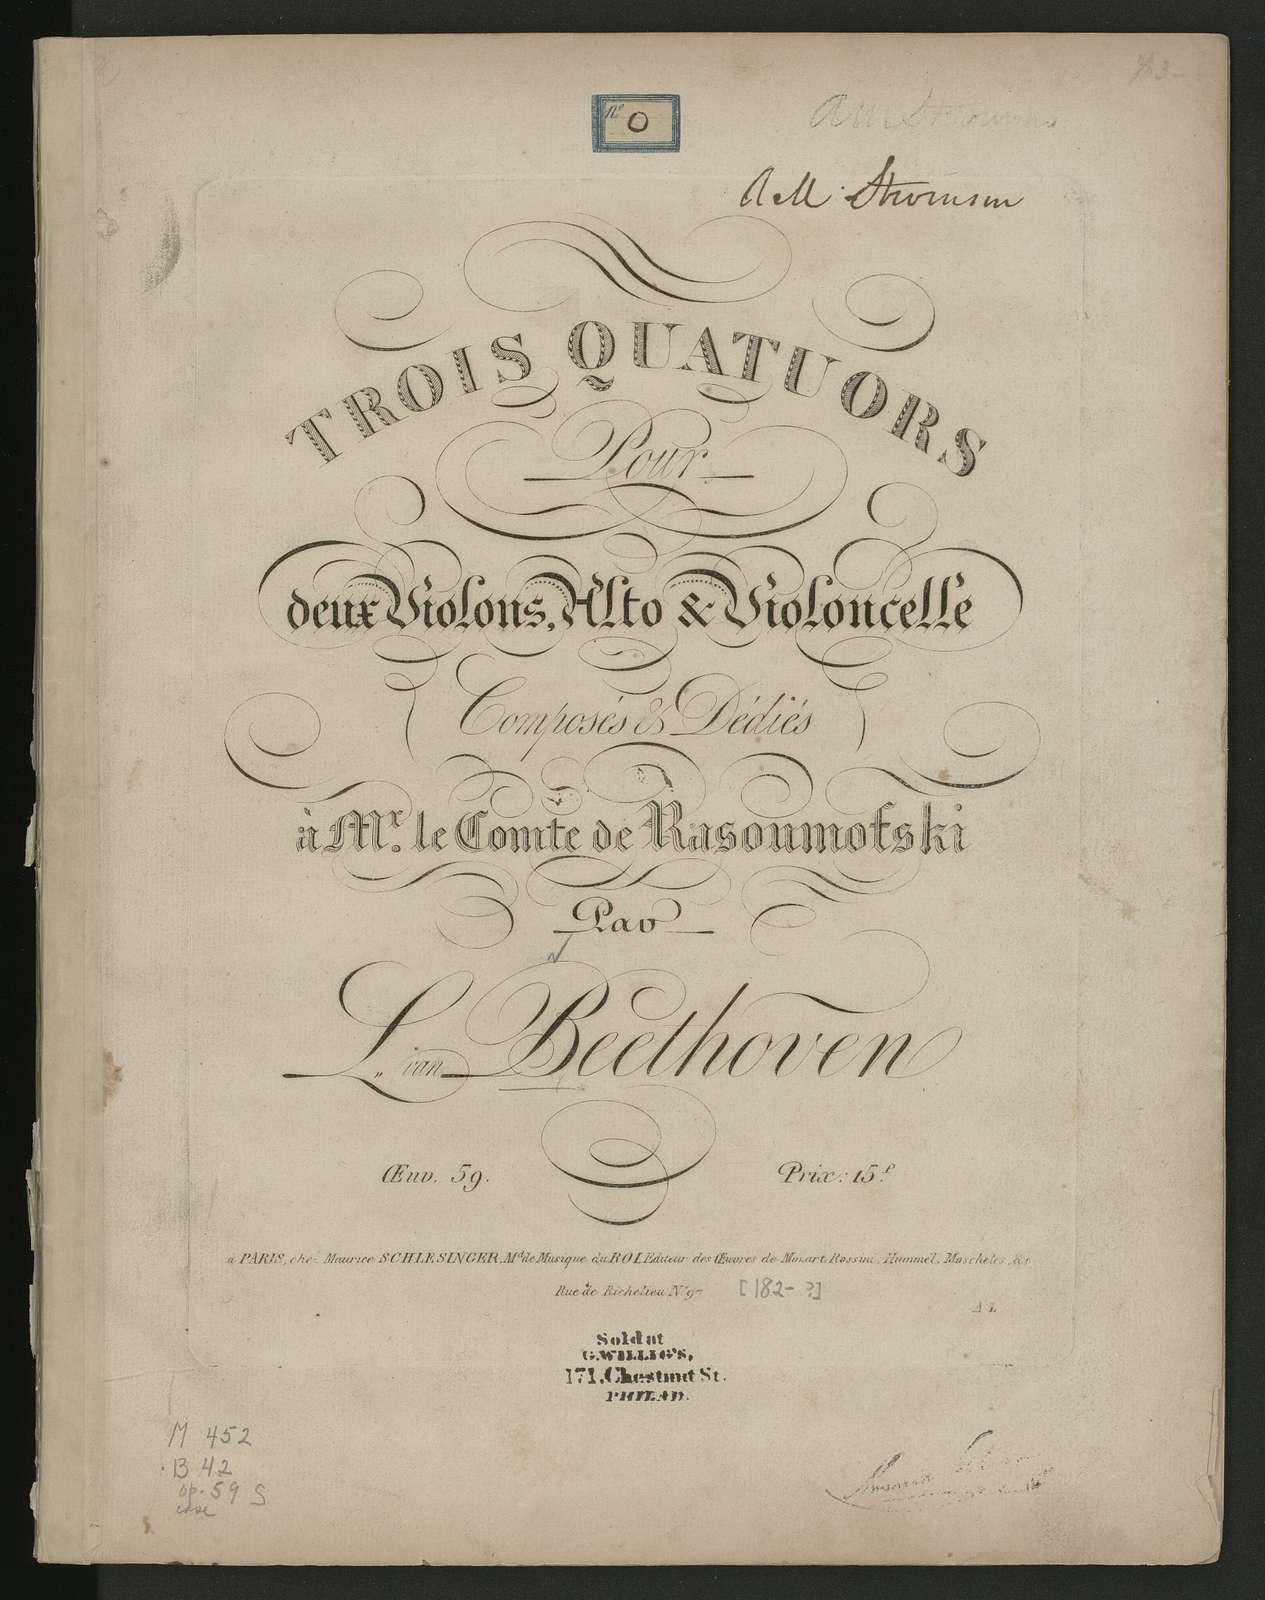 Trois quatuors por deux violons, alto & violoncelle composés & dédiés à M. le Compte de Rasoumofski par L. van Beethoven, Oeuv. 59